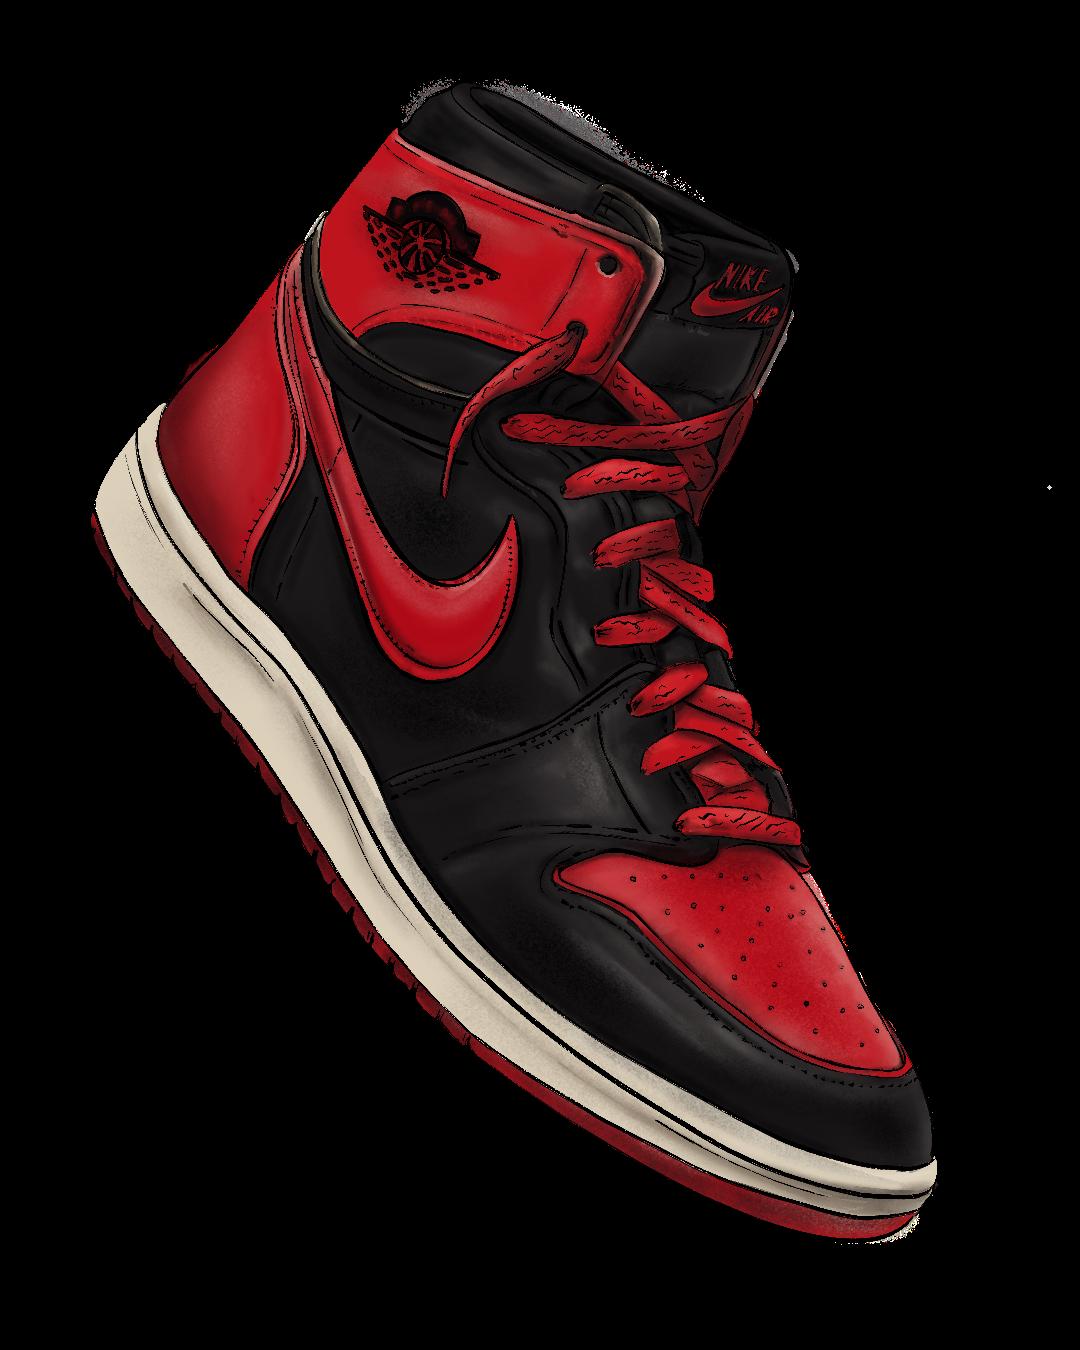 Illustrated Air Jordan 1 bred colorway